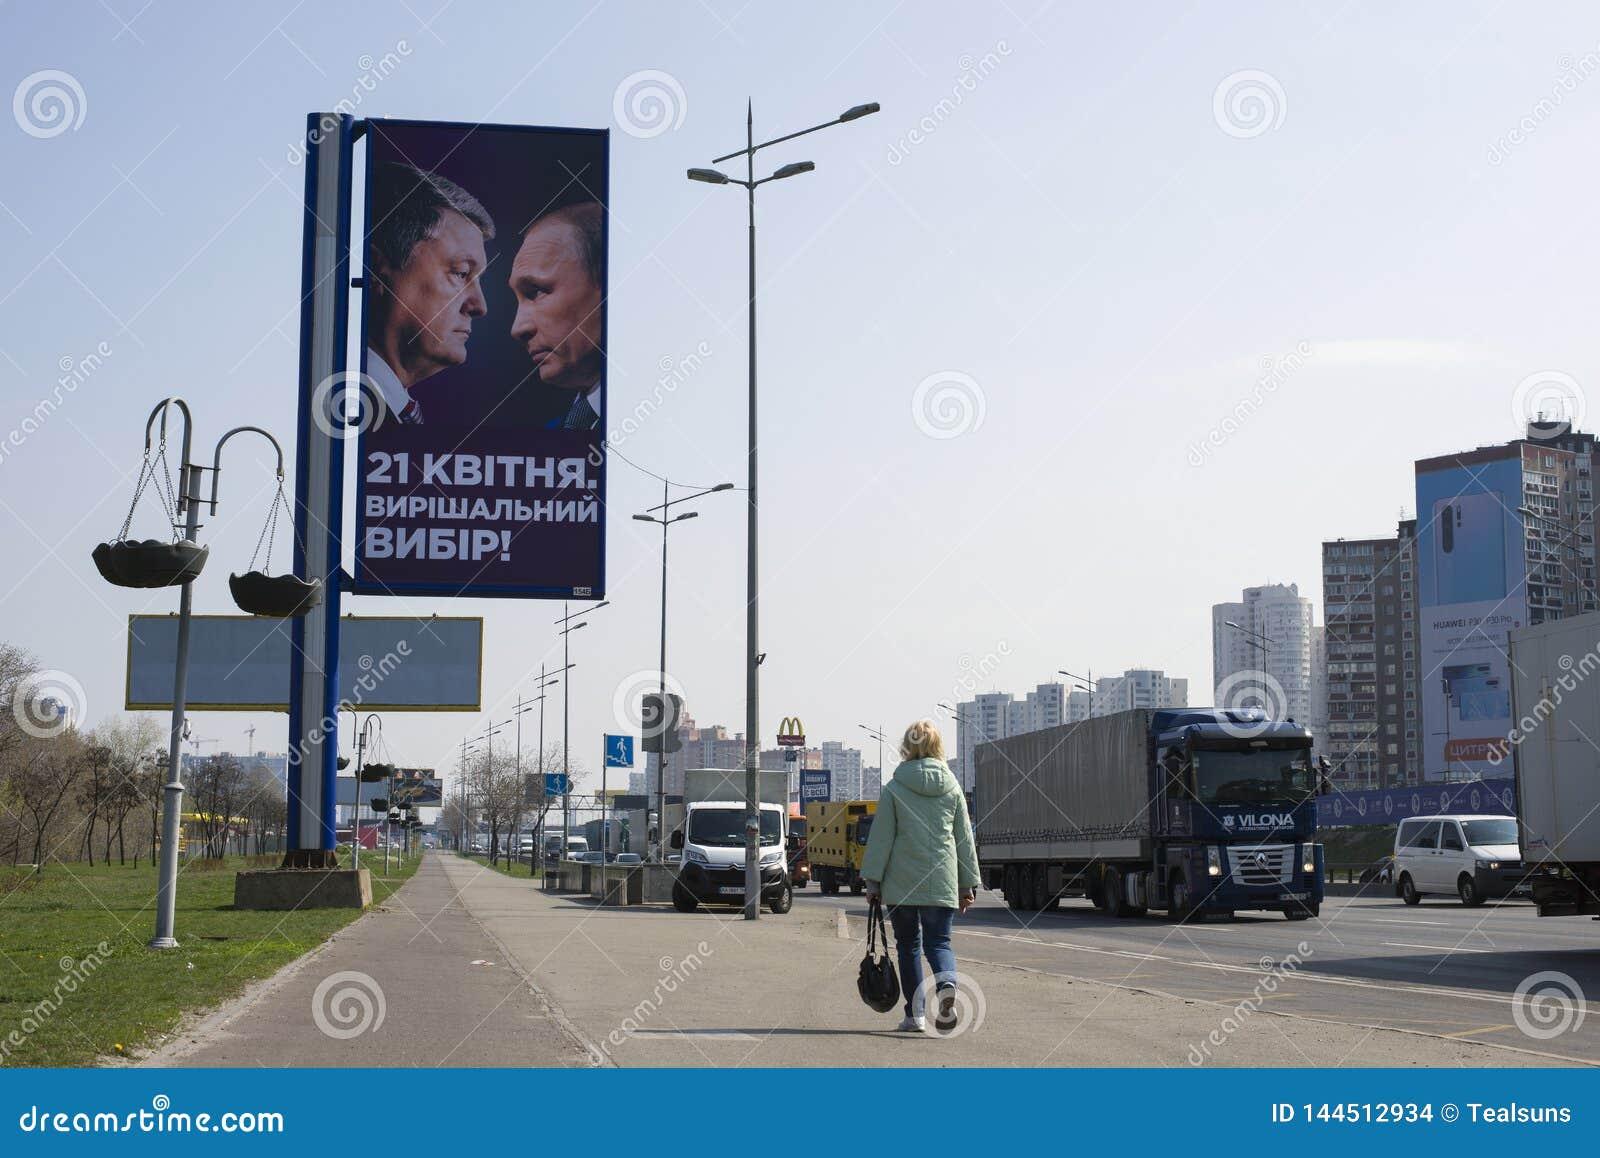 Aanplakbord met het beeld van de huidige president van de Oekraïne Petro Poroshenko tegengesteld door Russische President Vladimi